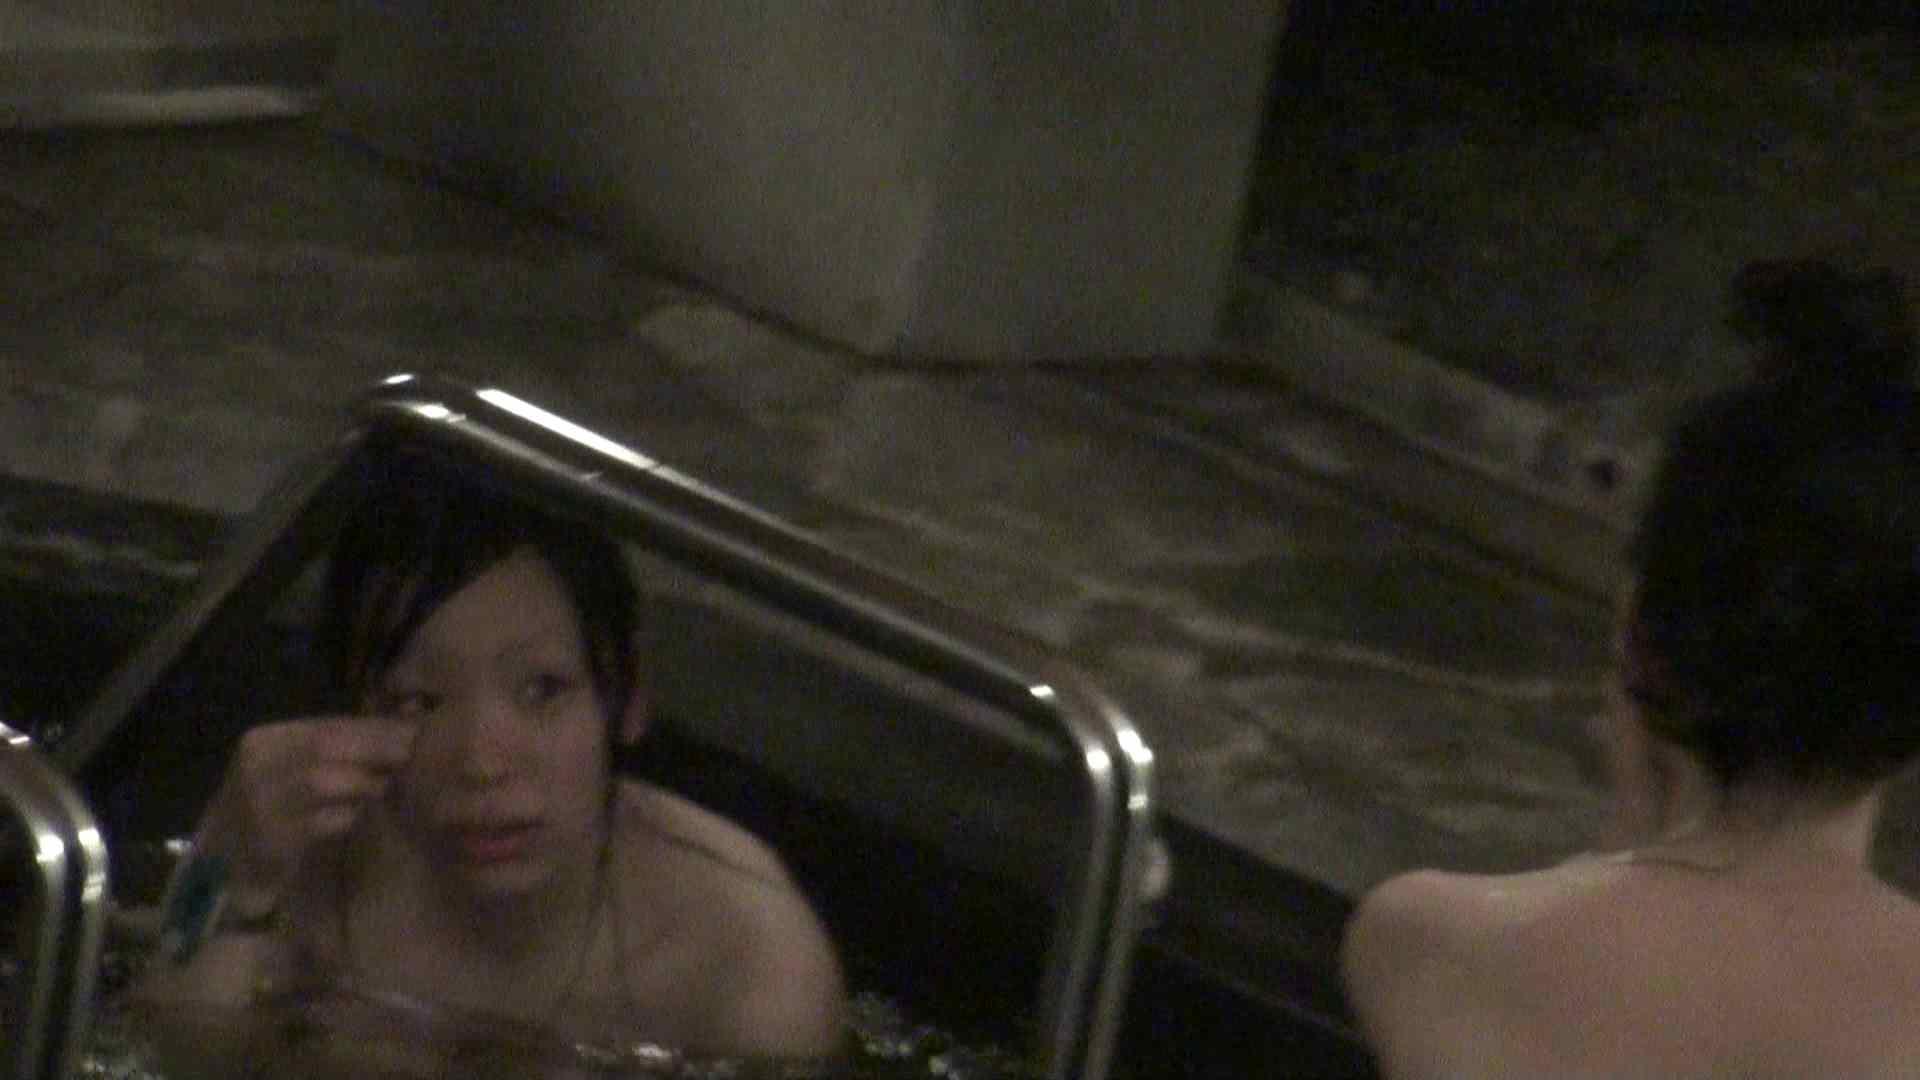 Aquaな露天風呂Vol.383 盗撮動画 | 露天風呂  11枚 3